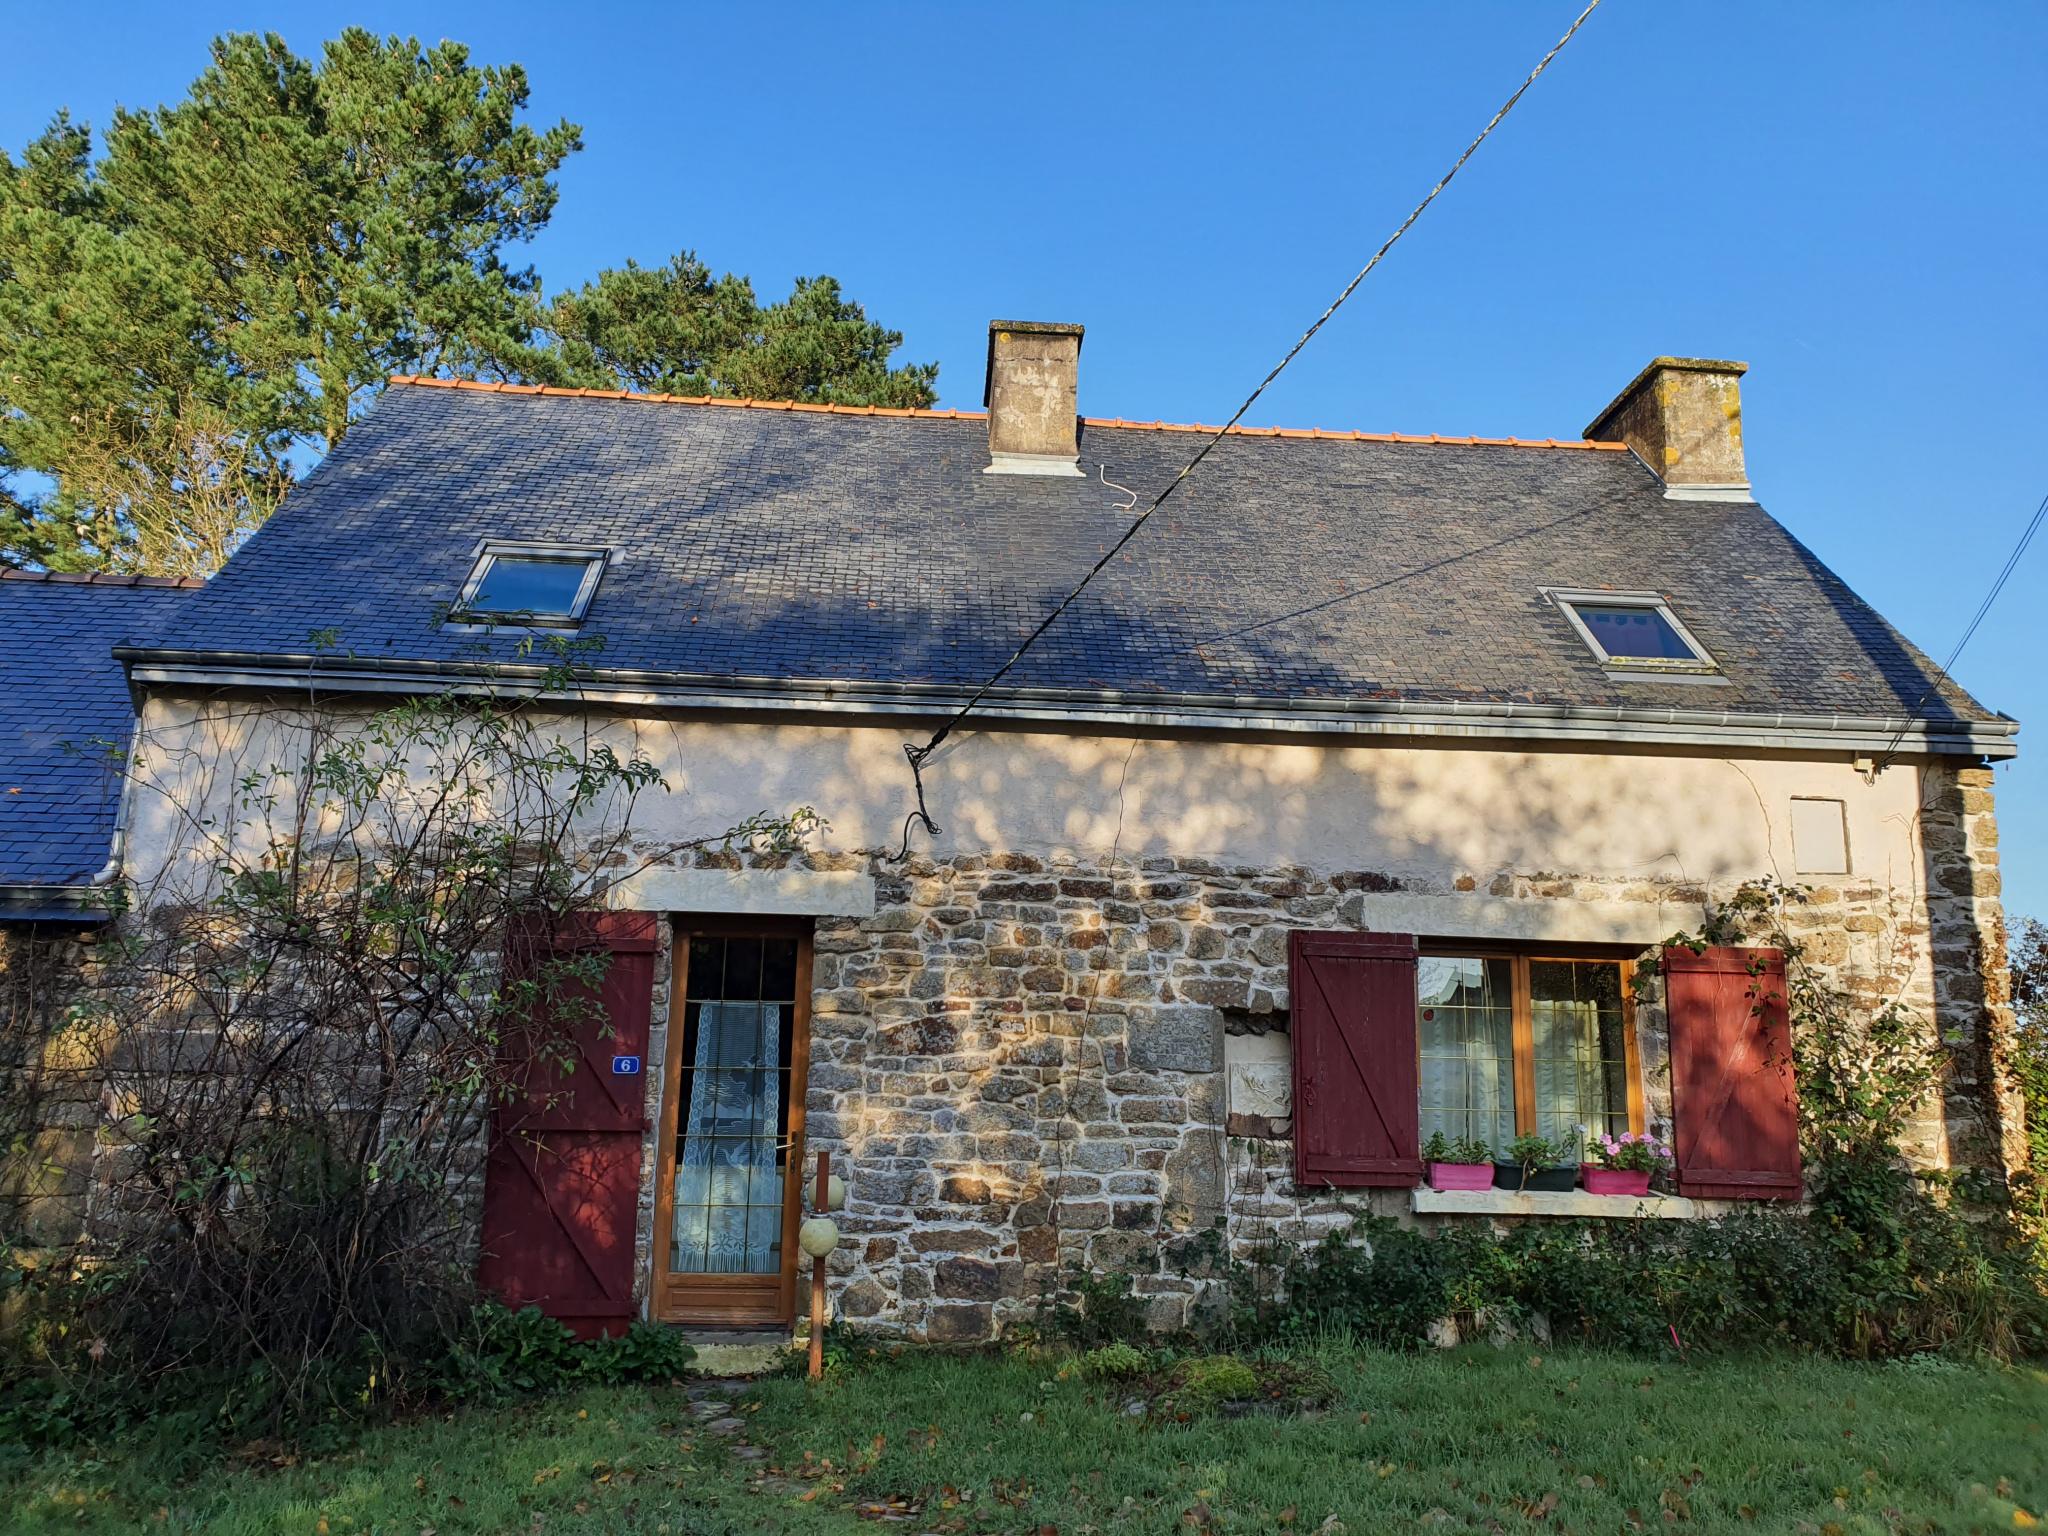 maison en pierres habitable en l'état sans délais et sans frais, se situe en bout d'un hameau